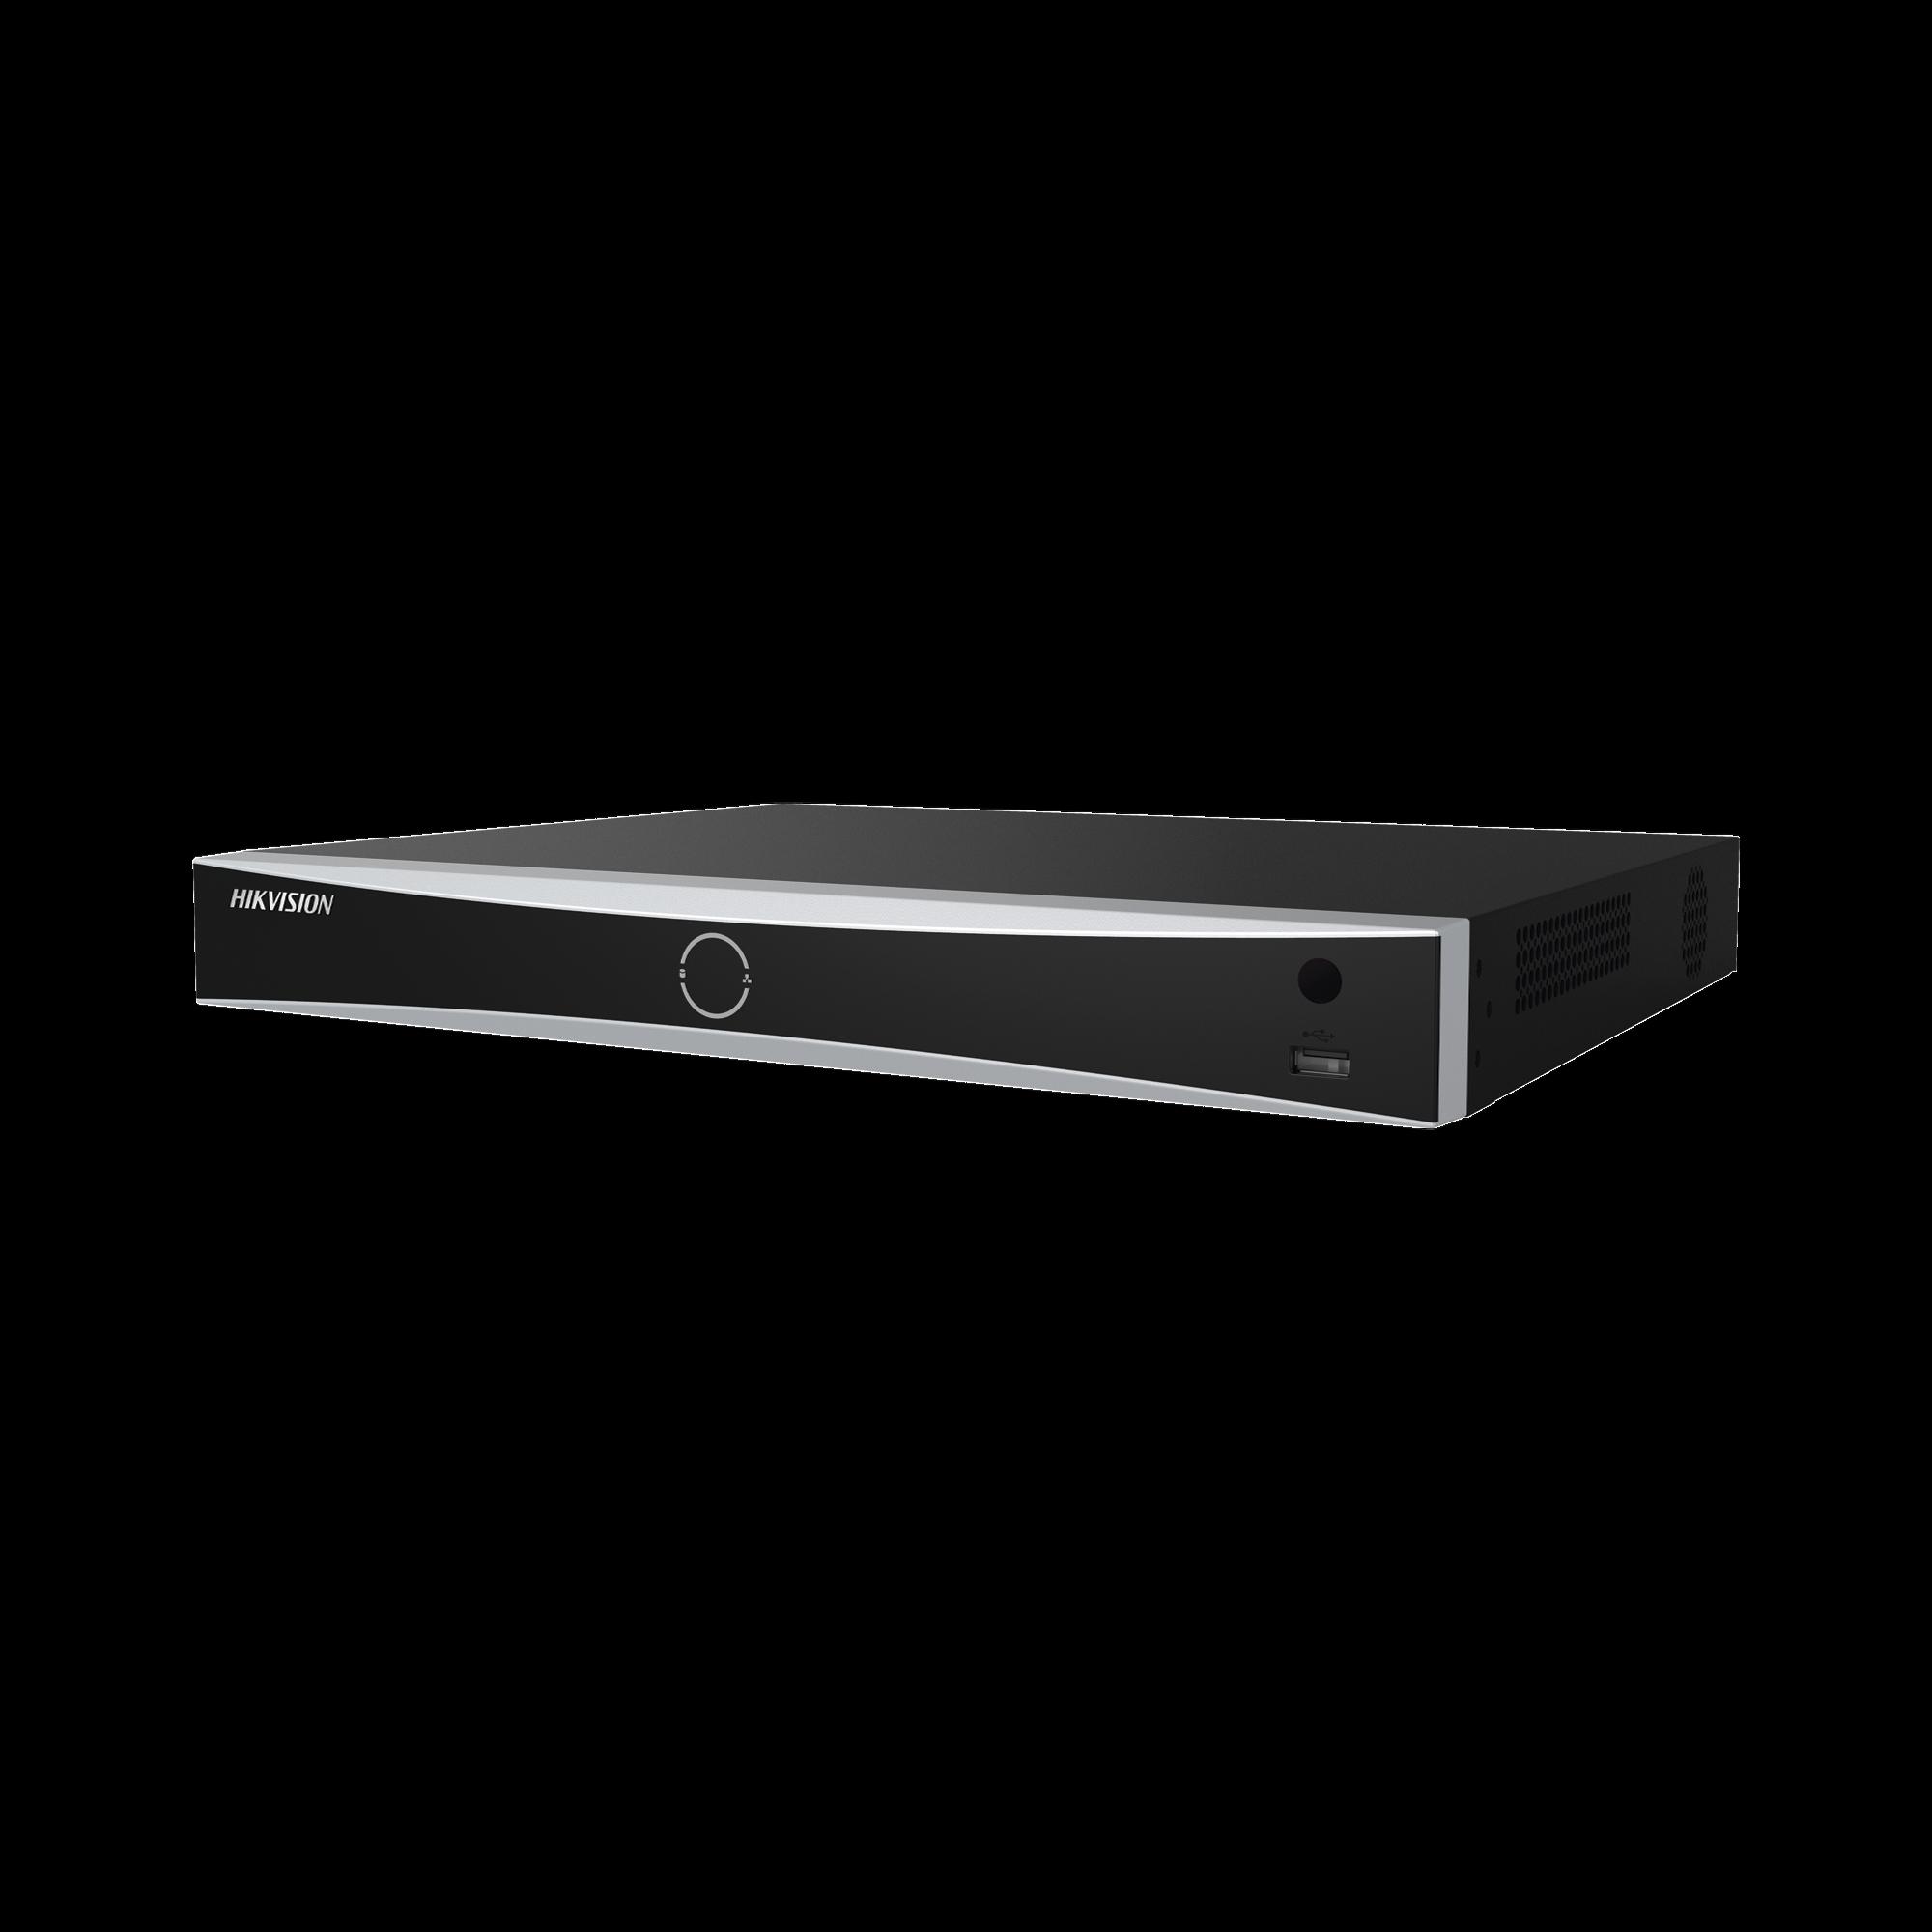 NVR 12 Megapixel (4K) / Reconocimiento Facial / 8 Canales IP / Base de Datos / Hasta 100,000 Fotografías / 2 Bahías de Disco Duro / Bases de Datos / HDMI en 4K